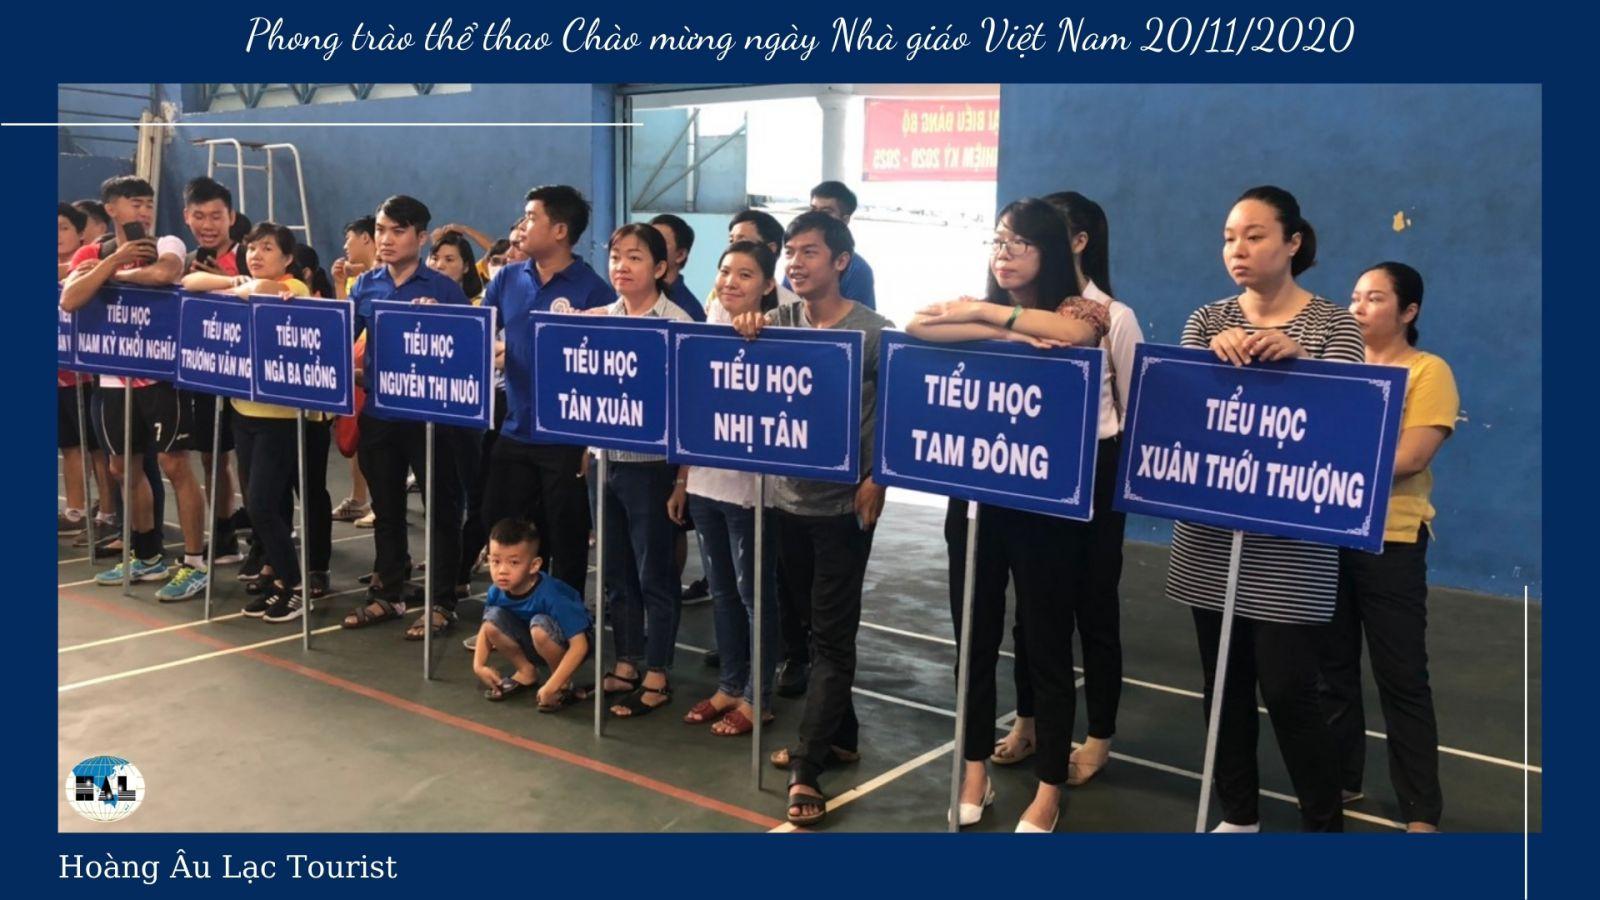 Hoàng Âu lạc và Phong trào thể thao Chào mừng ngày Nhà giáo Việt Nam 20/11/2020